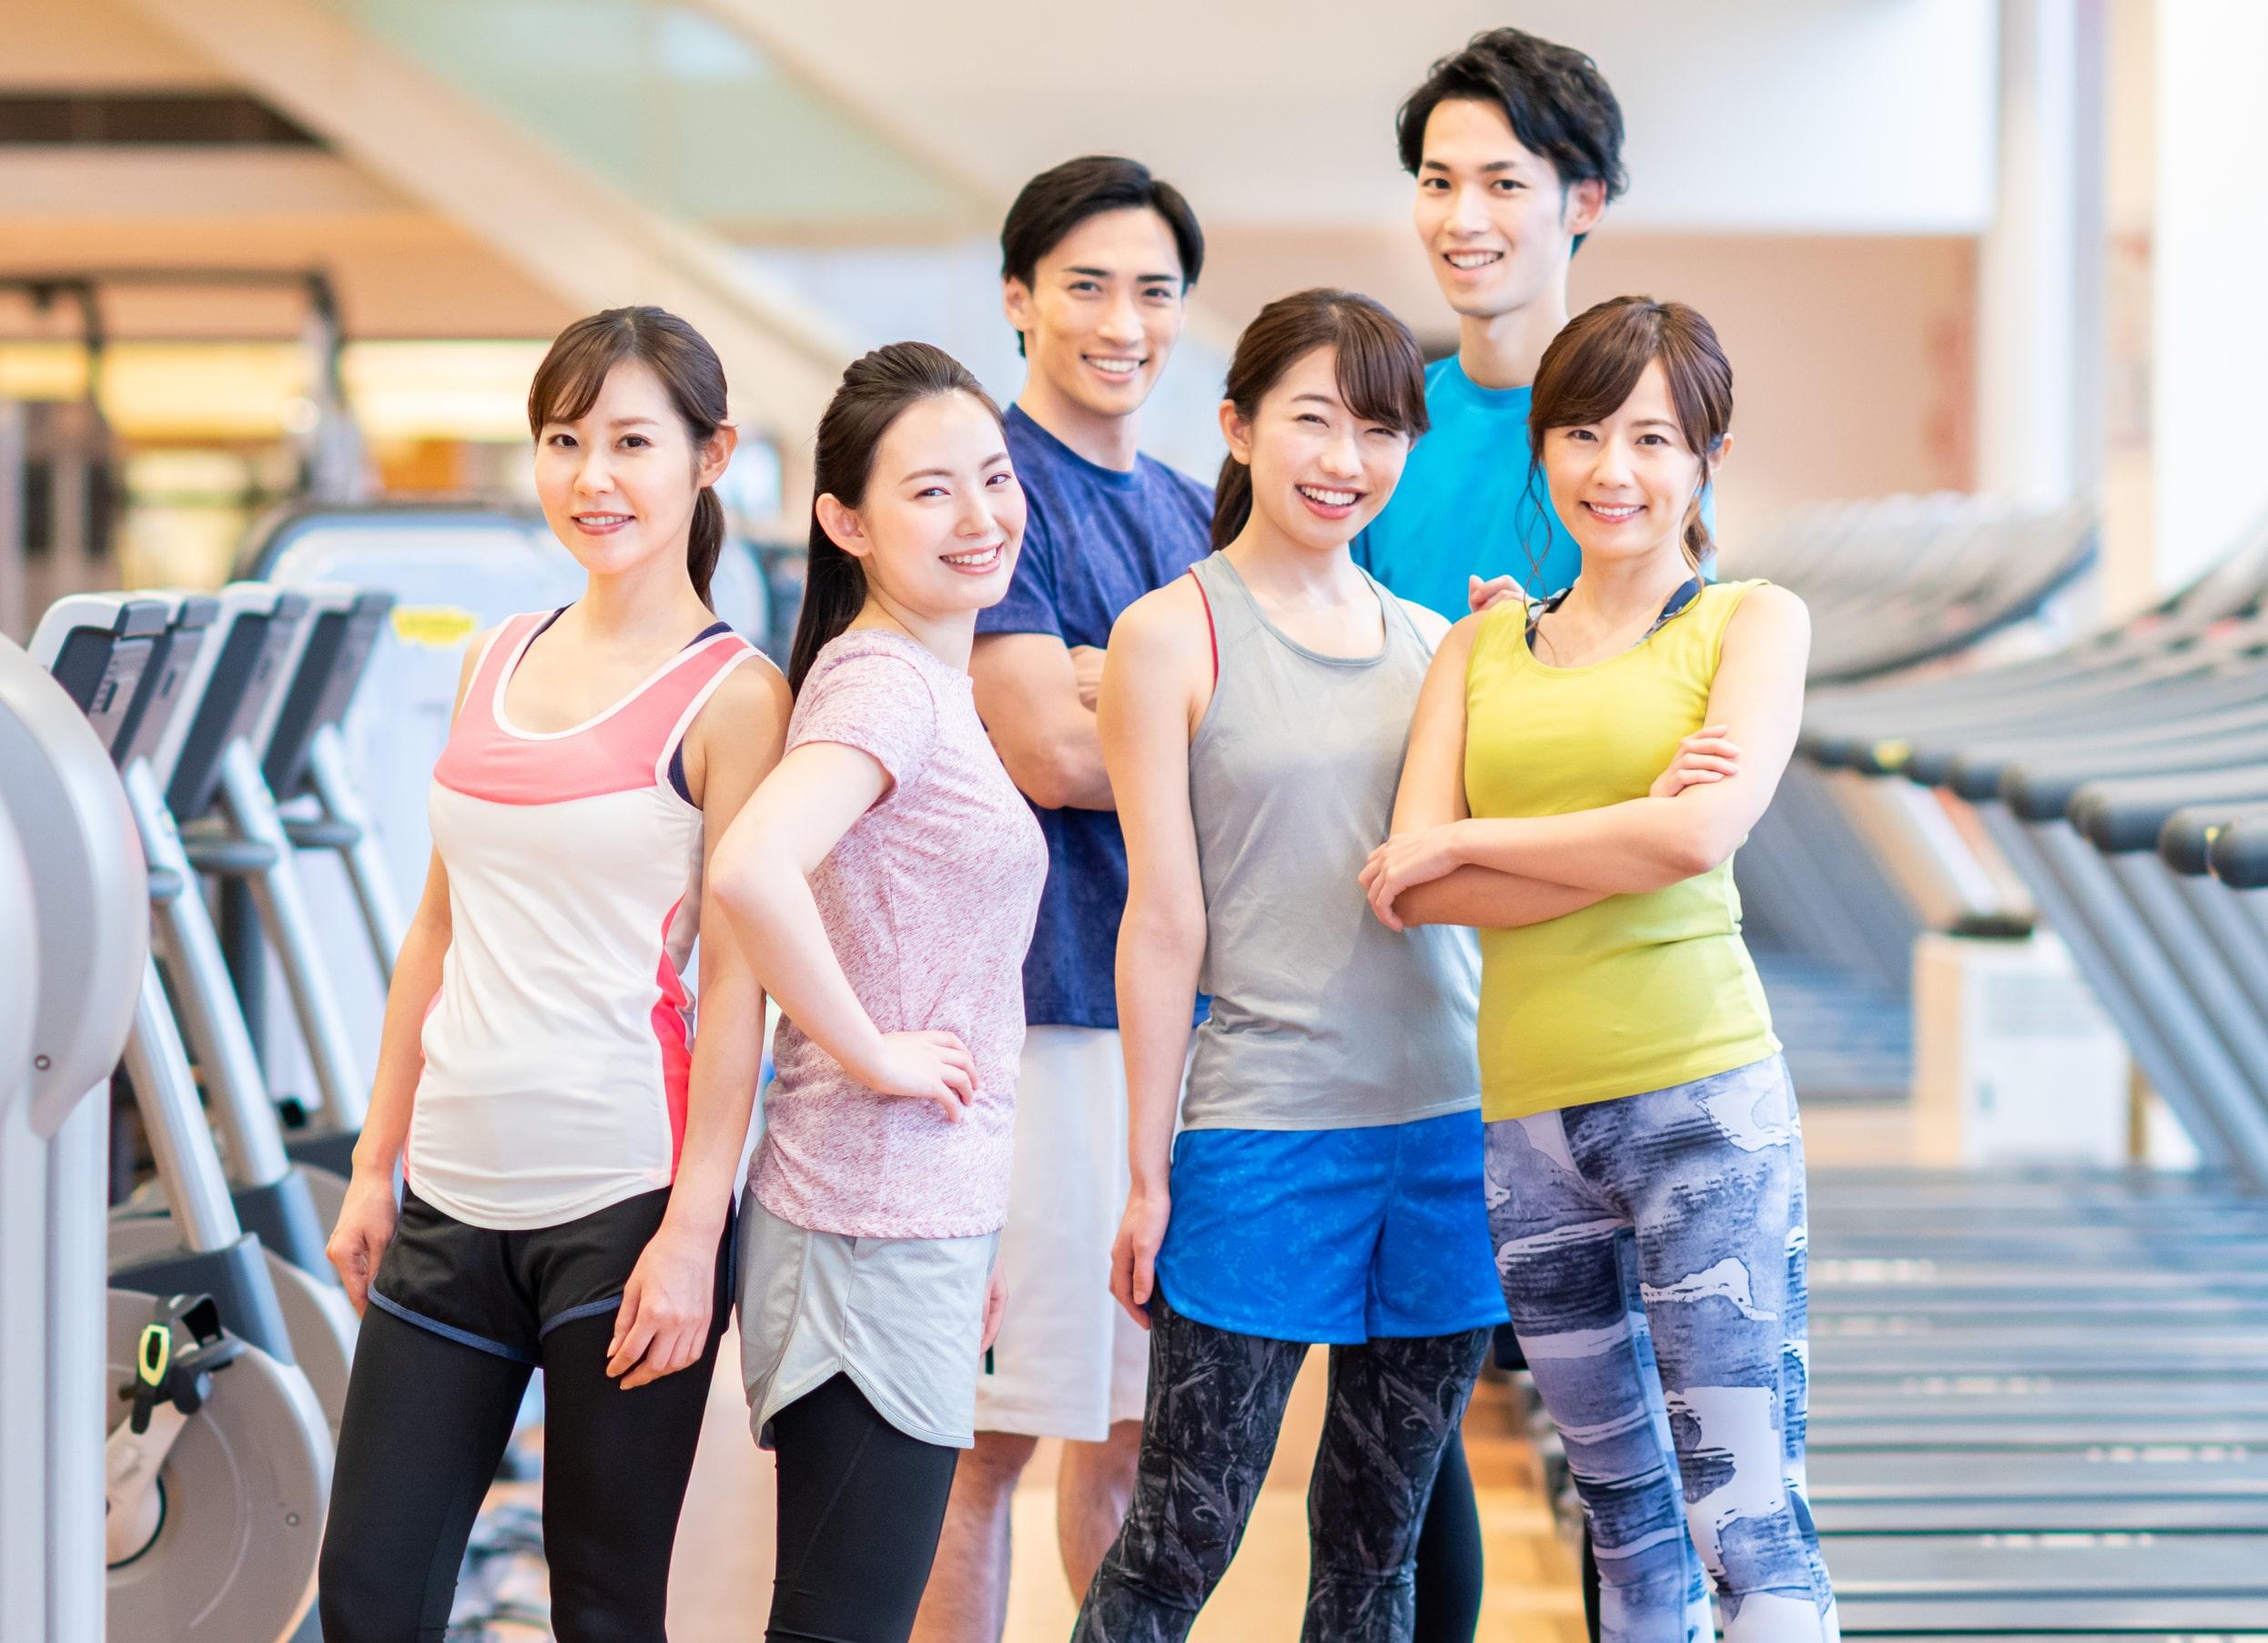 社会人スポーツサークル(滋賀)